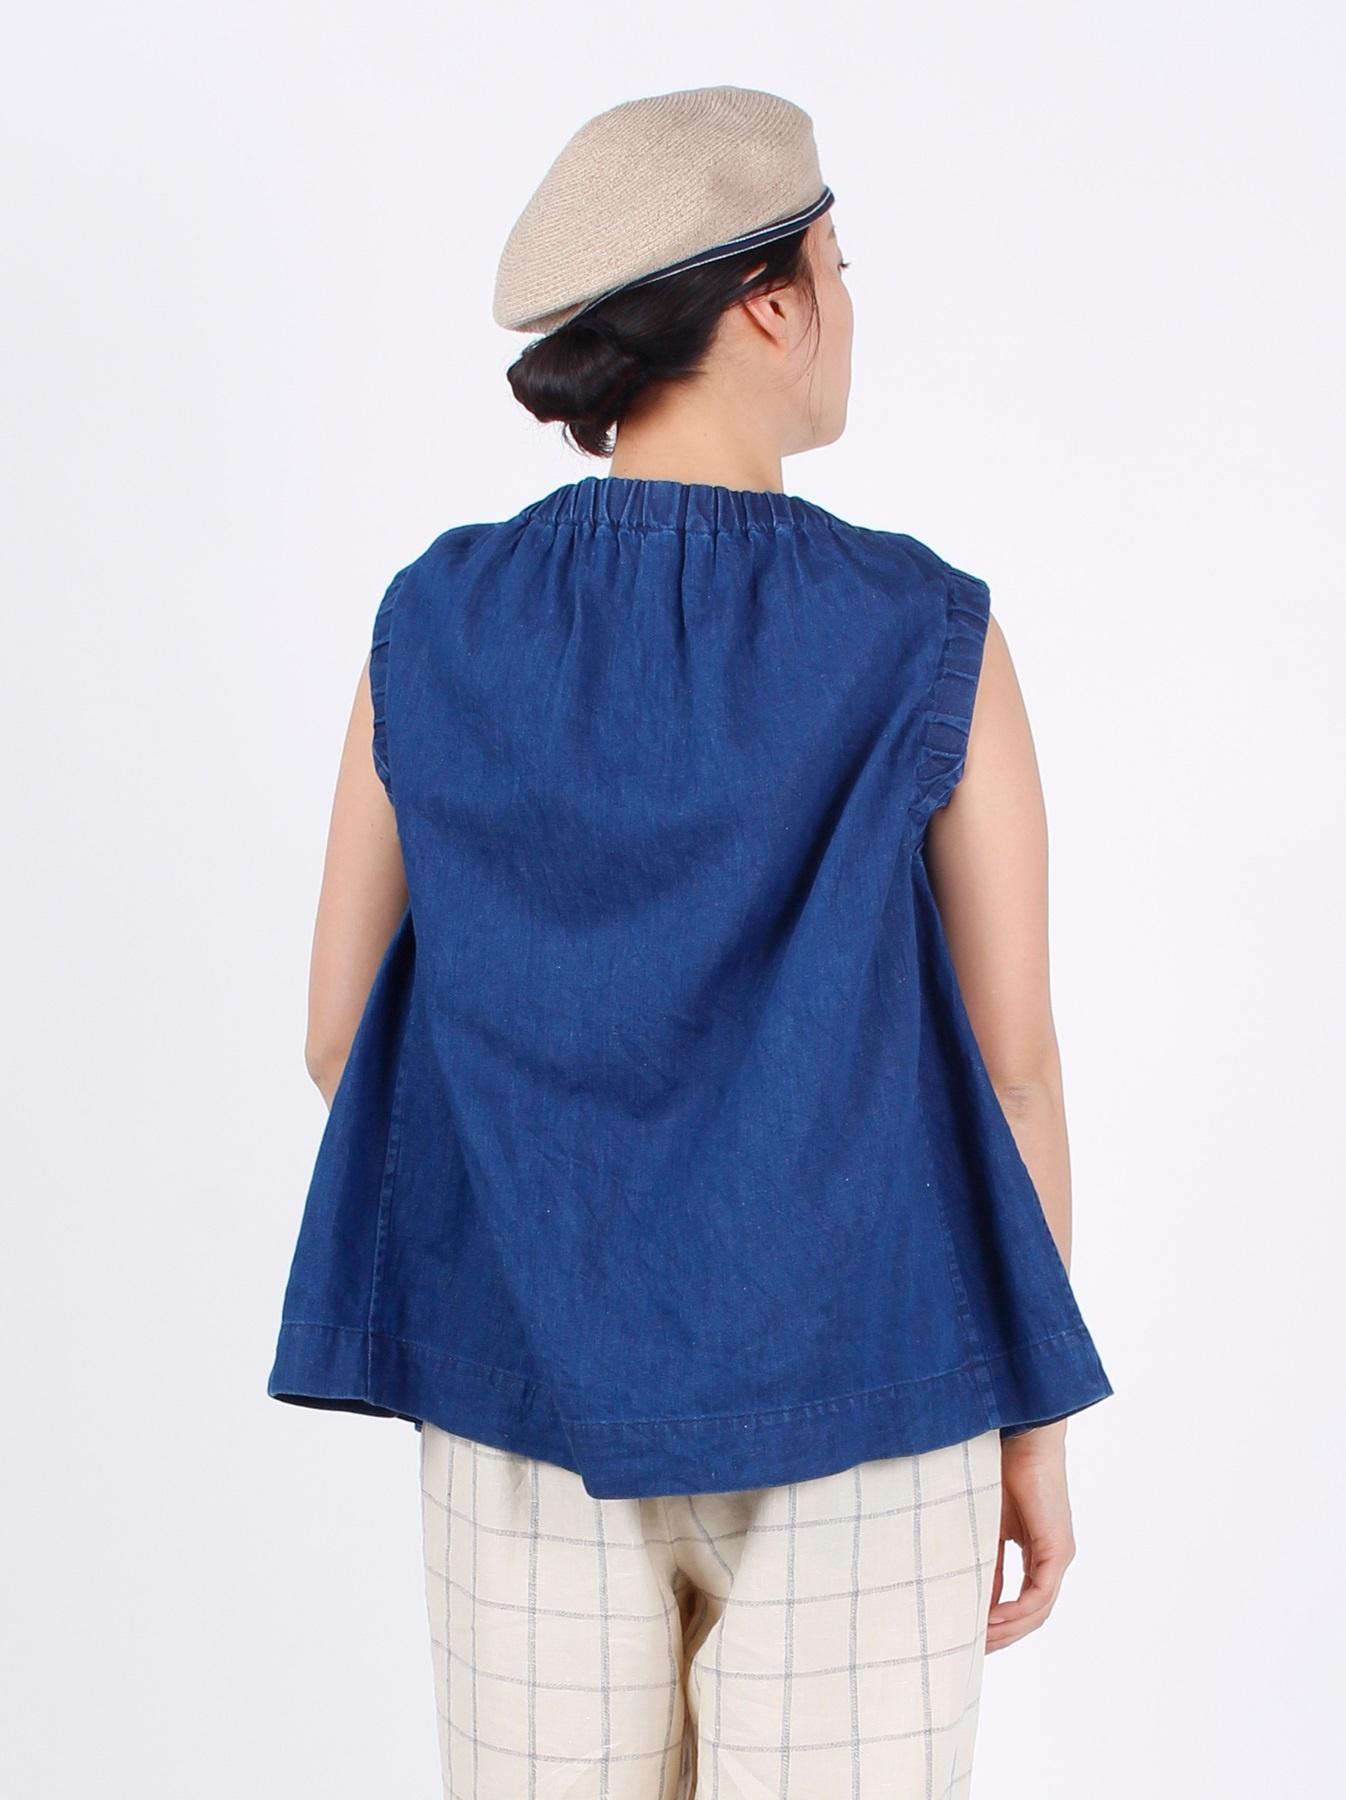 WH Cotton-linen Denim Camisole-6